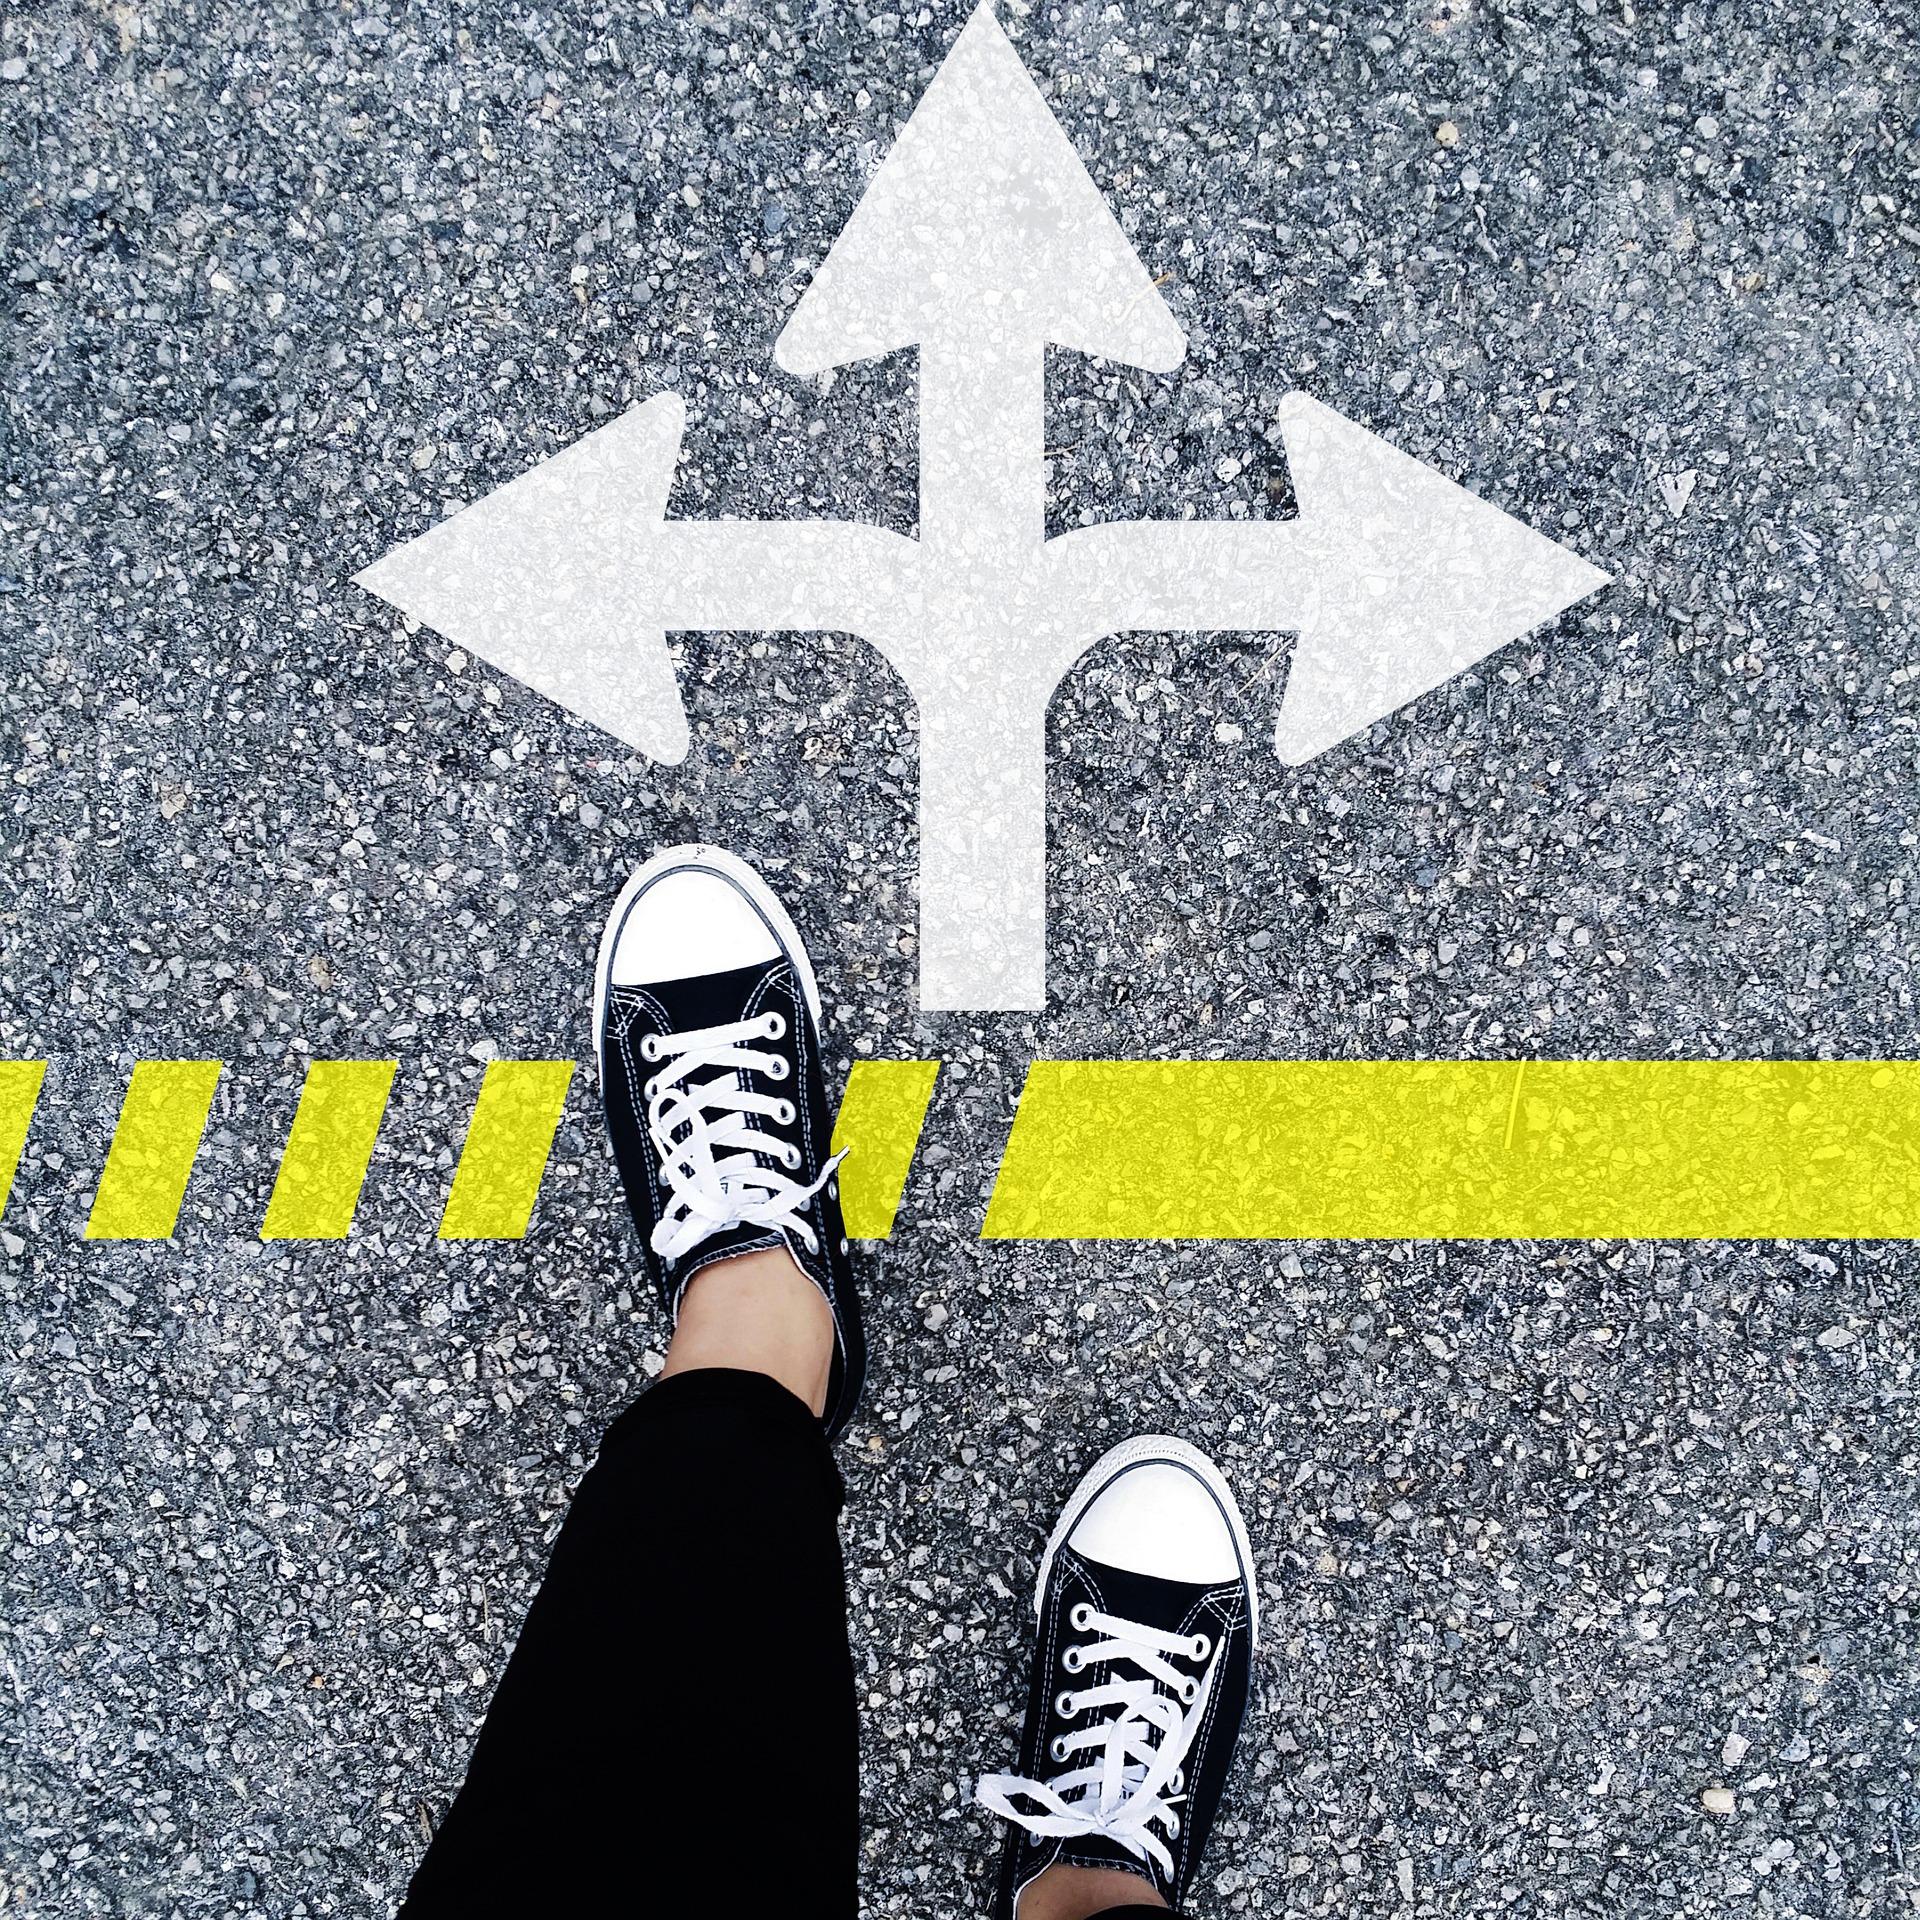 Mégsem az eddig járt út a Te utad és pályát módosítanál?